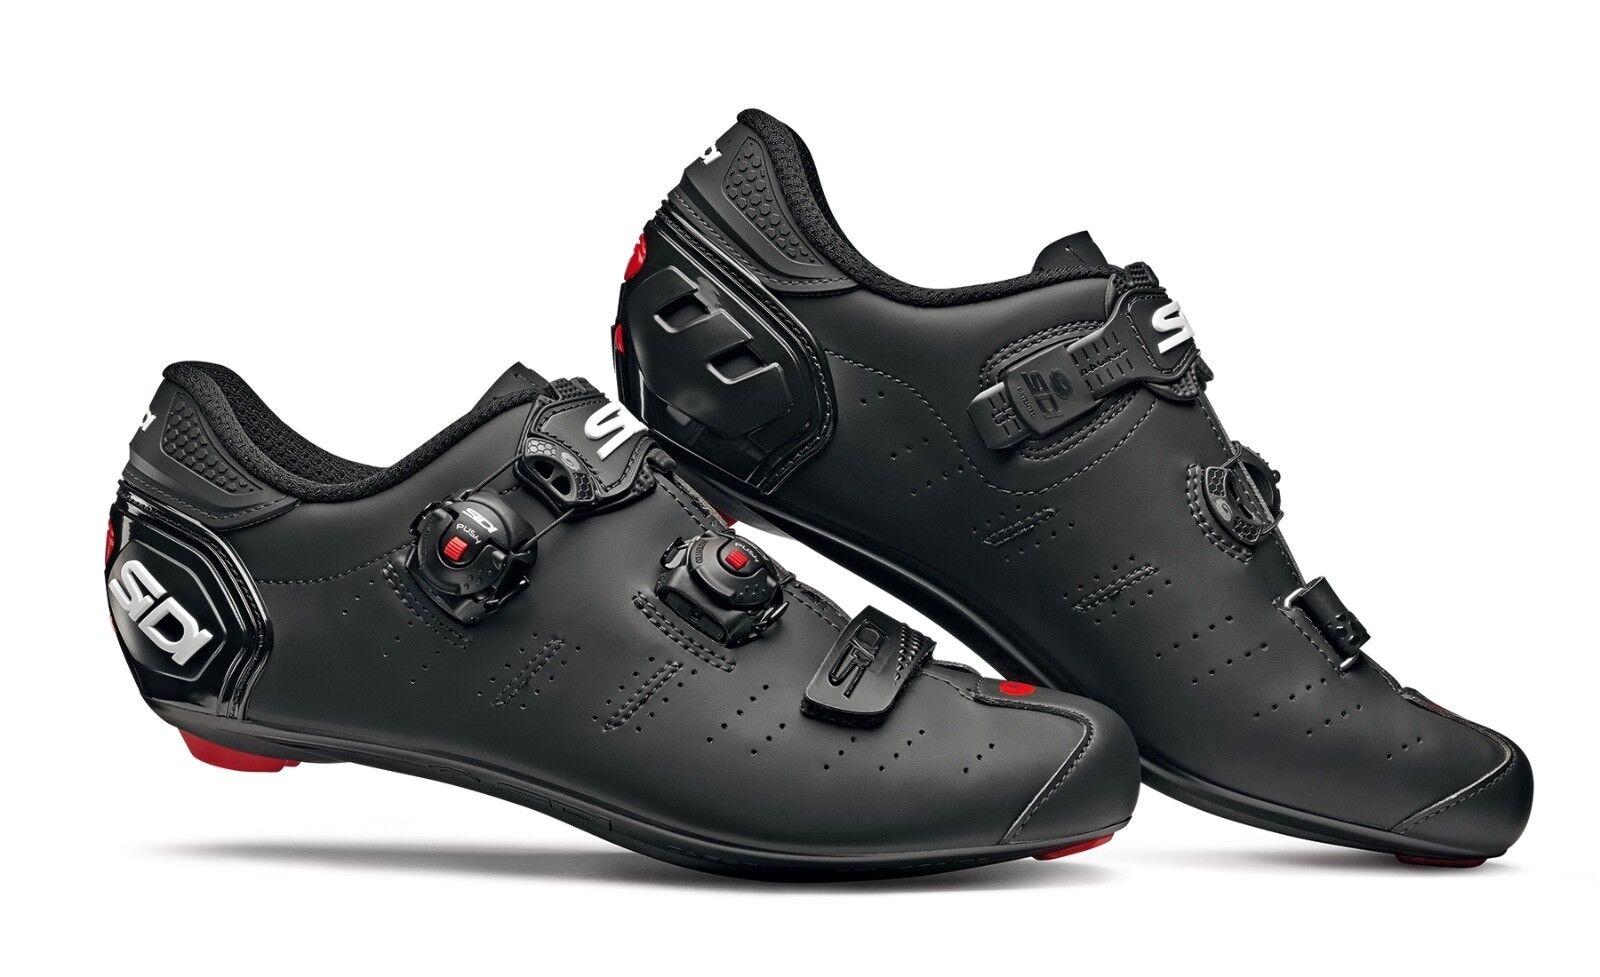 Schuhe SIDI ERGO 5 MATT NERO Größe 41